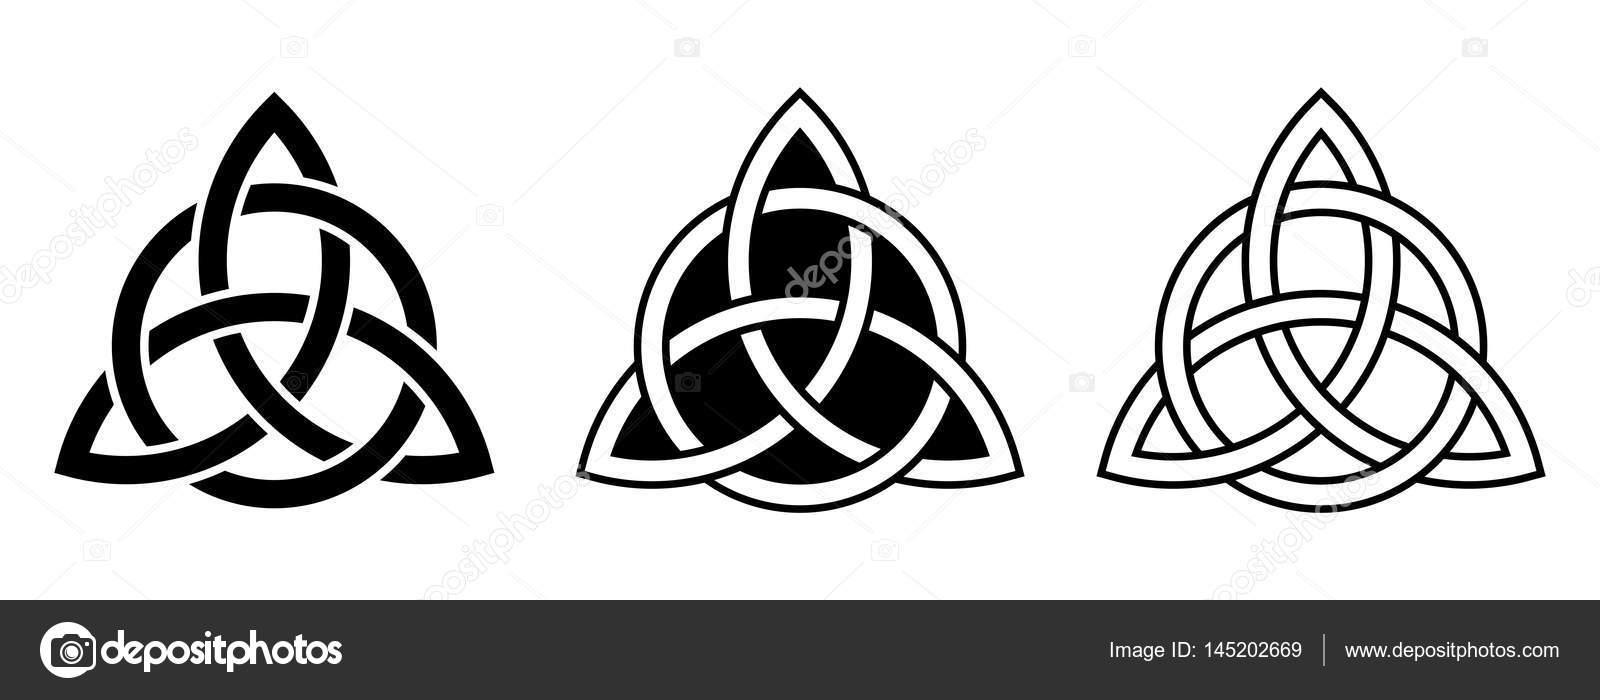 Nudos de la Trinidad celta. Ilustración de vector — Archivo Imágenes ...